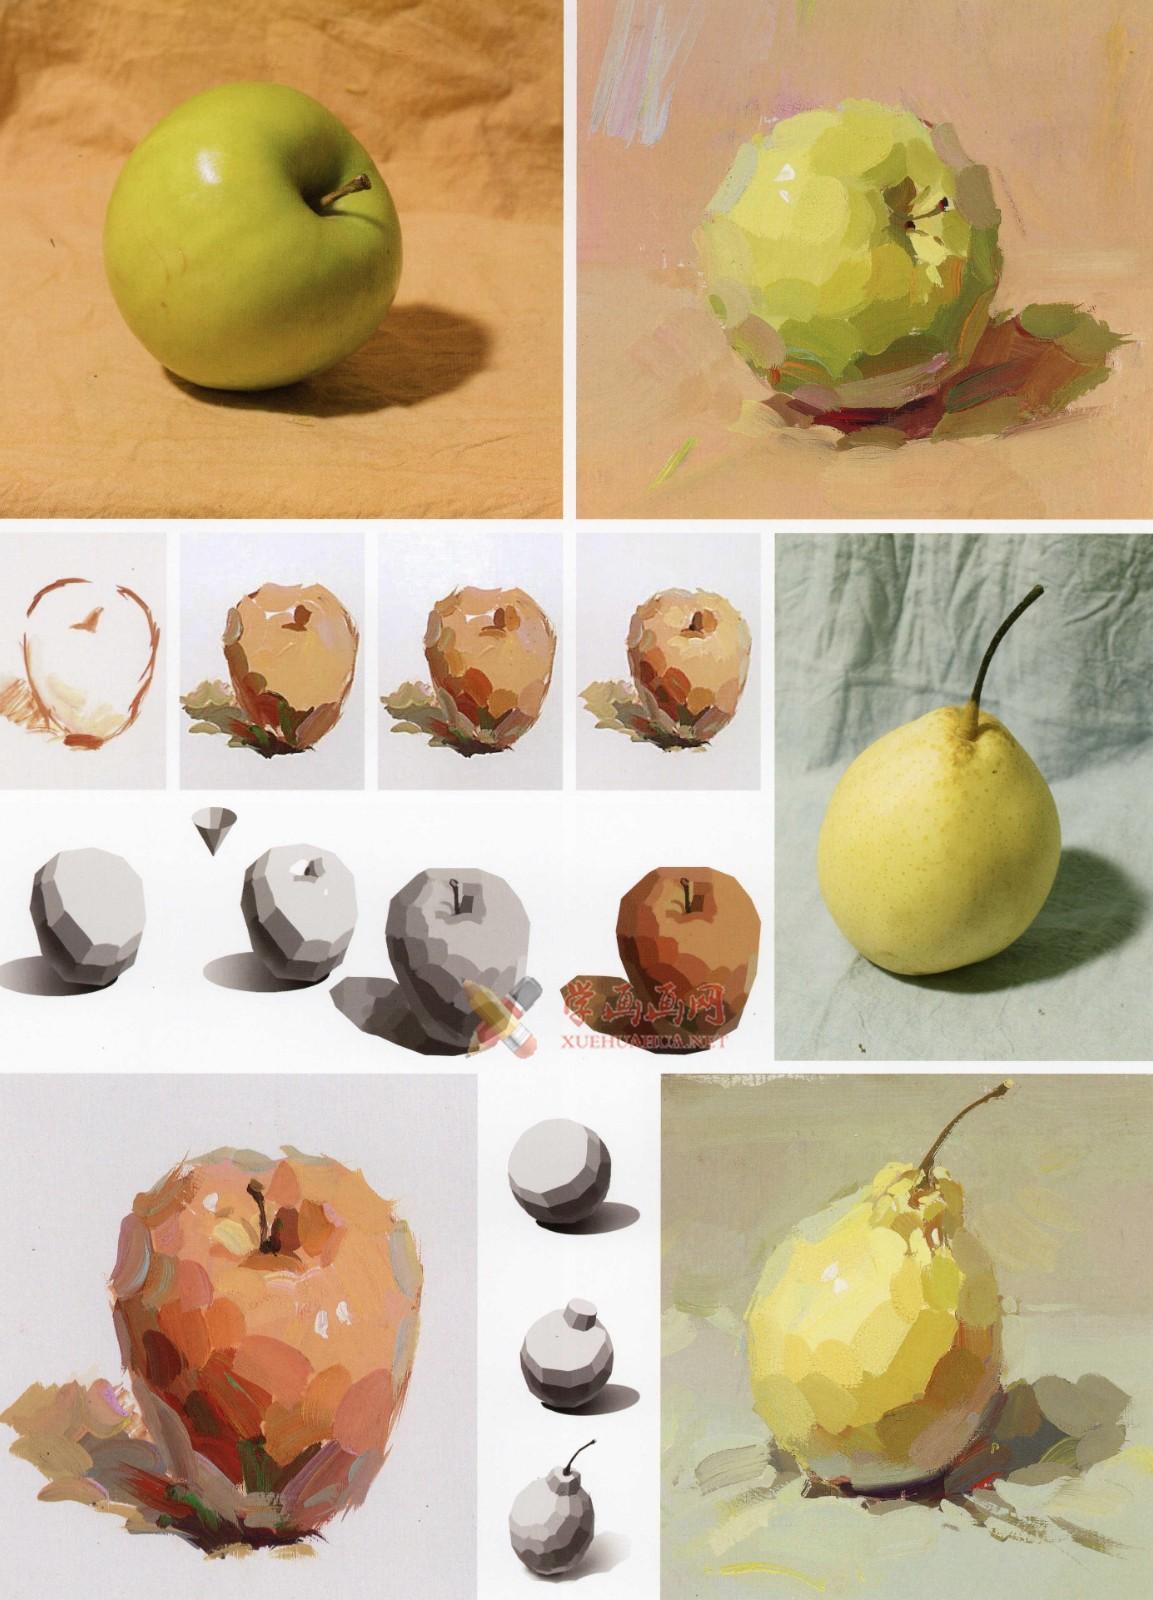 水粉画单体静物:苹果的画法图解及临摹高清范画图片(2)